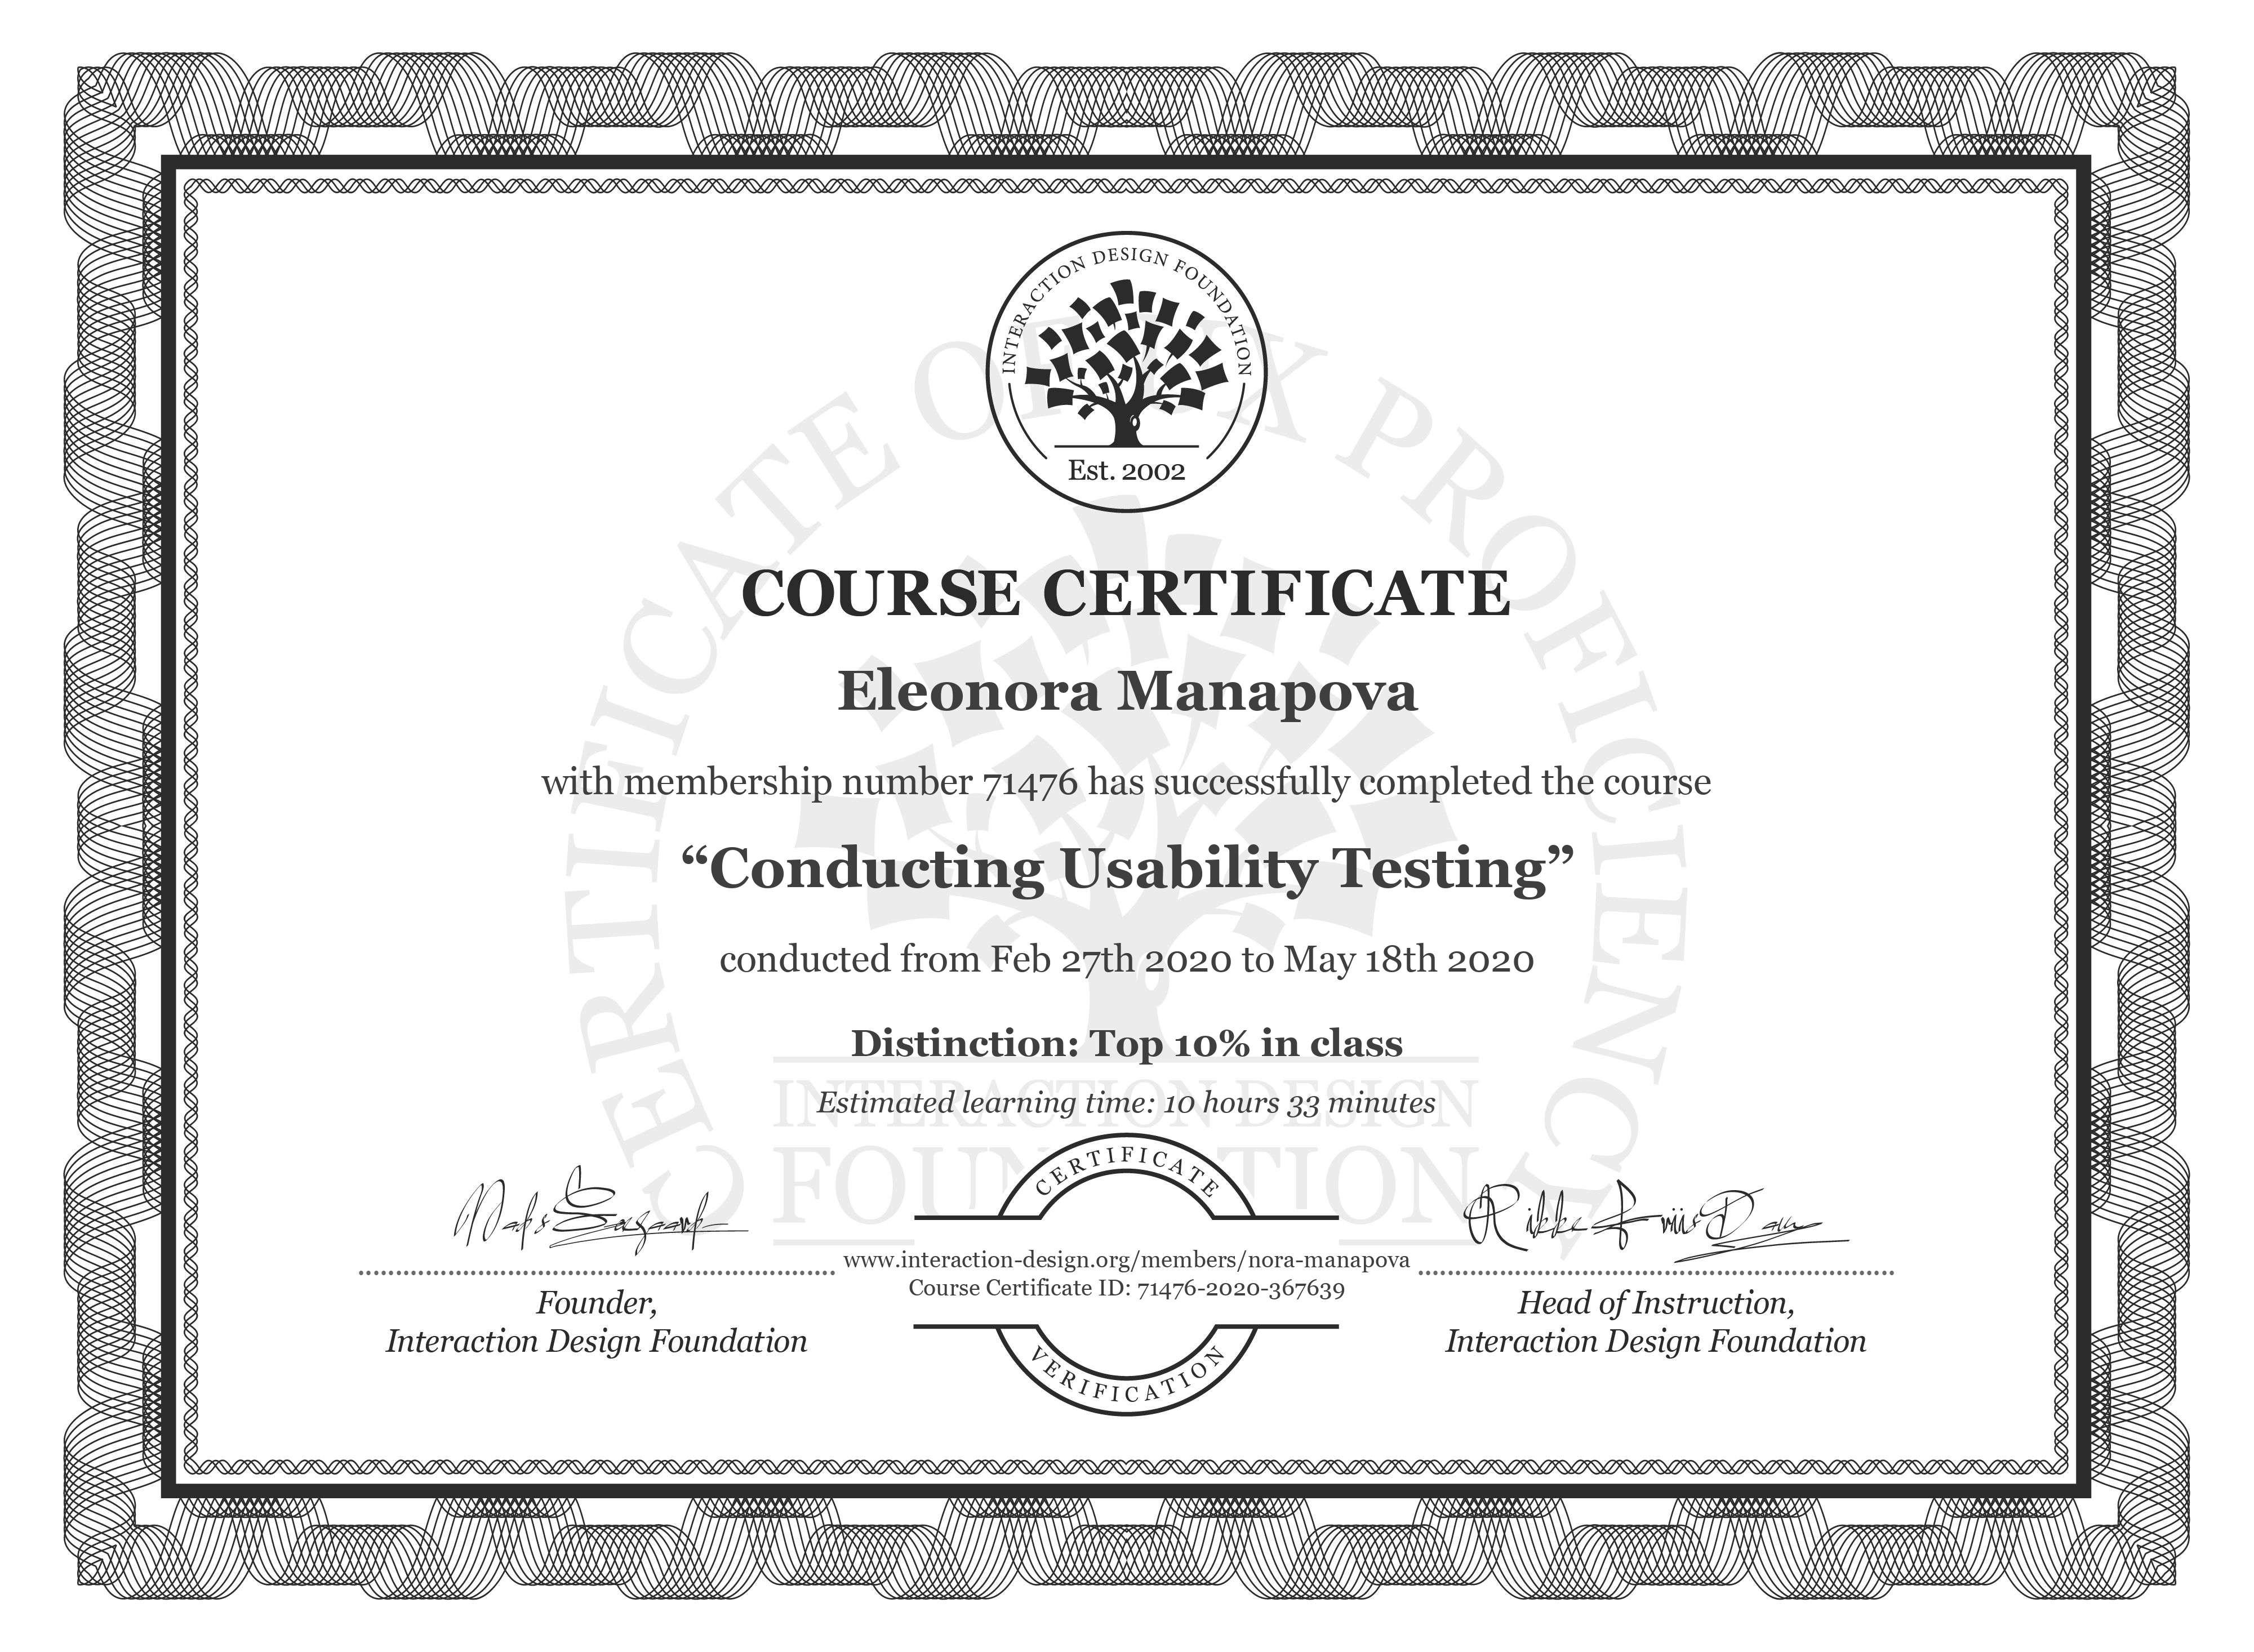 Eleonora Manapova's Course Certificate: Conducting Usability Testing